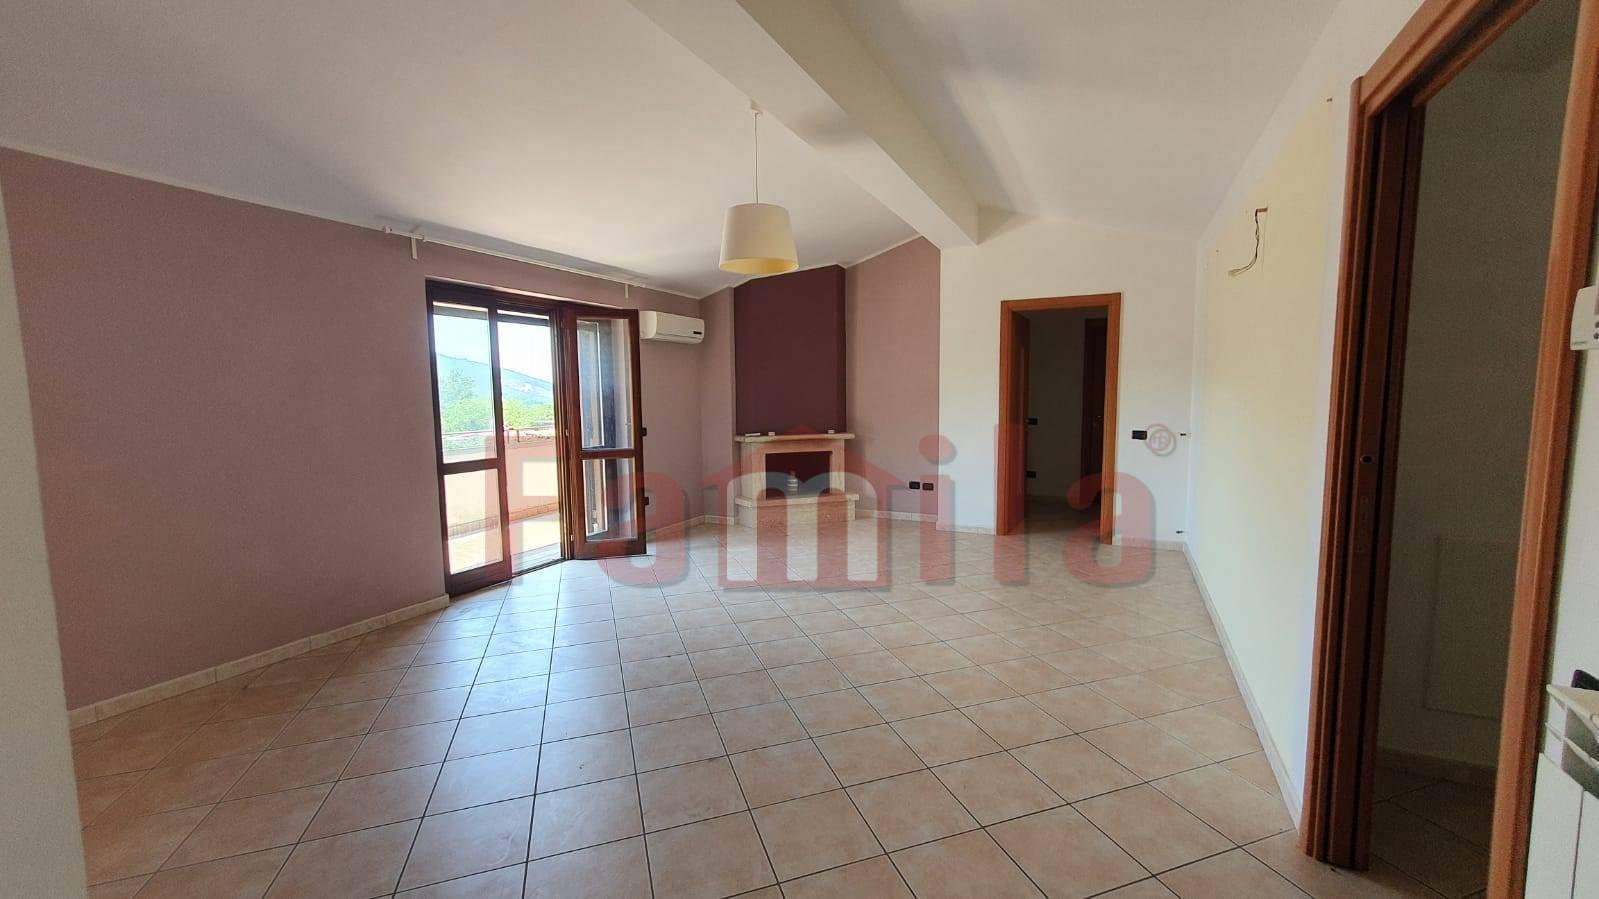 Foto - Appartamento In Vendita Mugnano Del Cardinale (av)